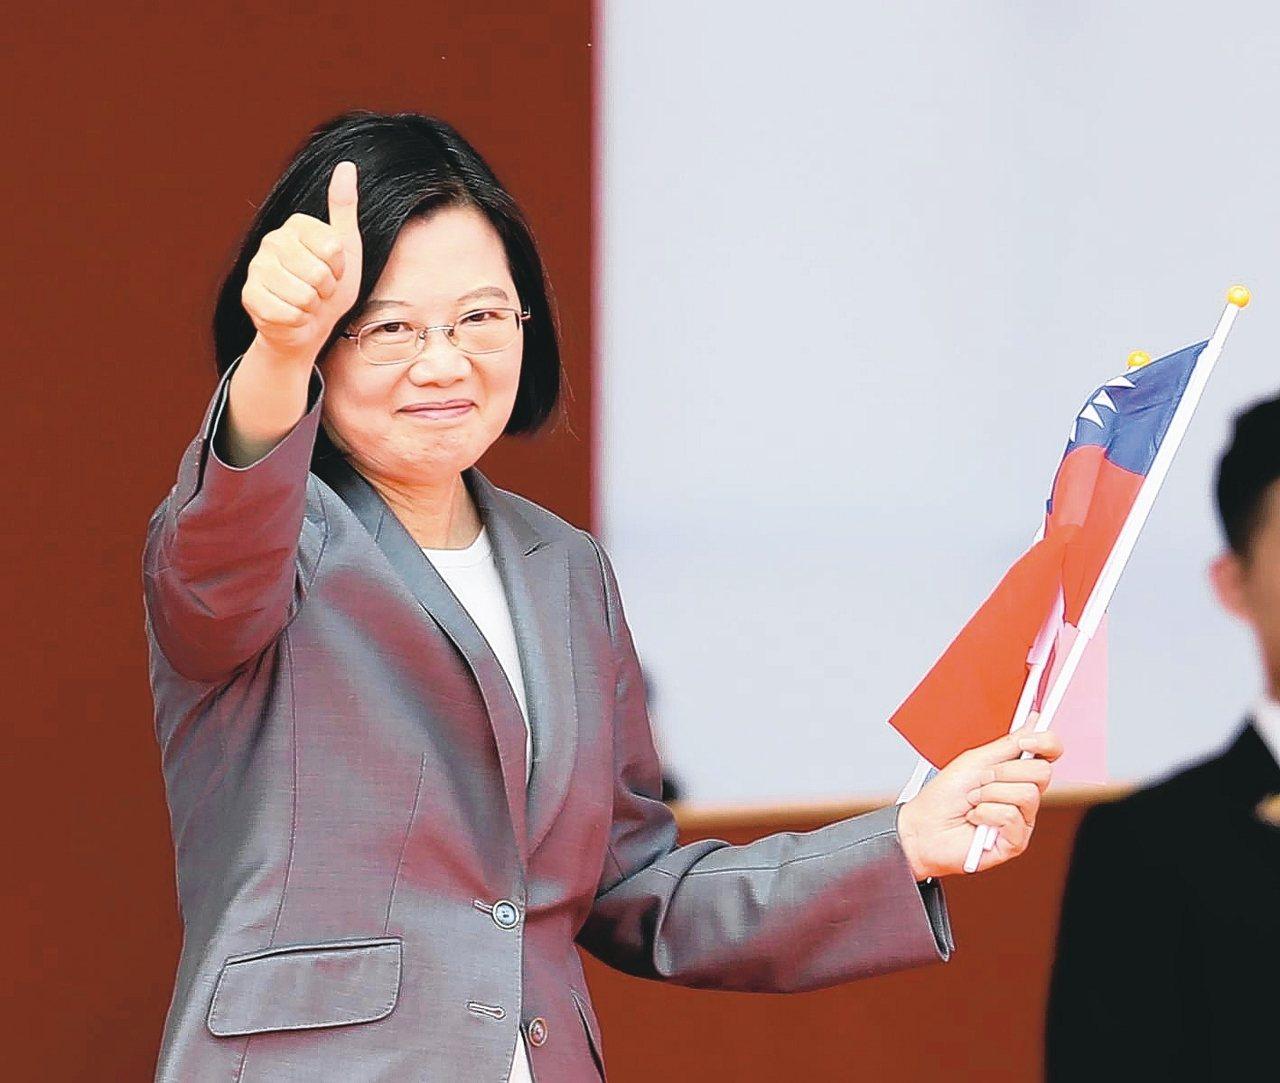 蔡英文總統昨天於國慶大典發表演說,指出「中華民國台灣」6個字,既不是藍色、也不是...